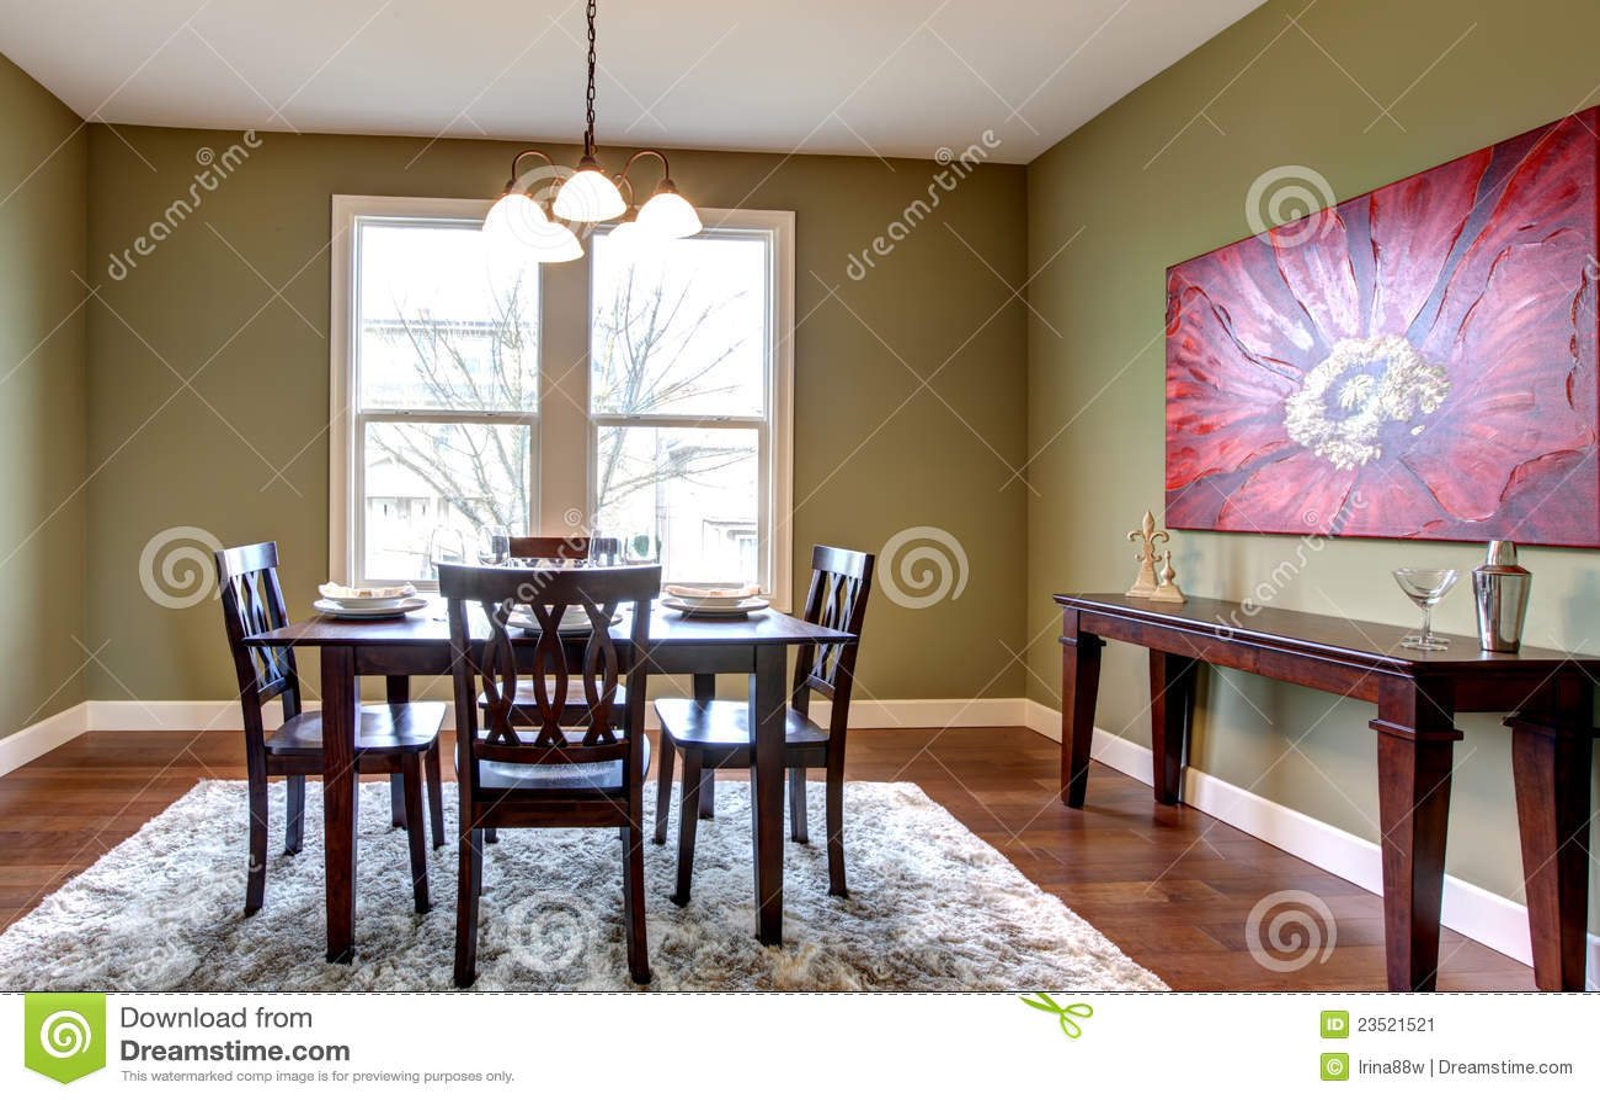 sala da pranzo con le pareti verdi e la pittura rossa